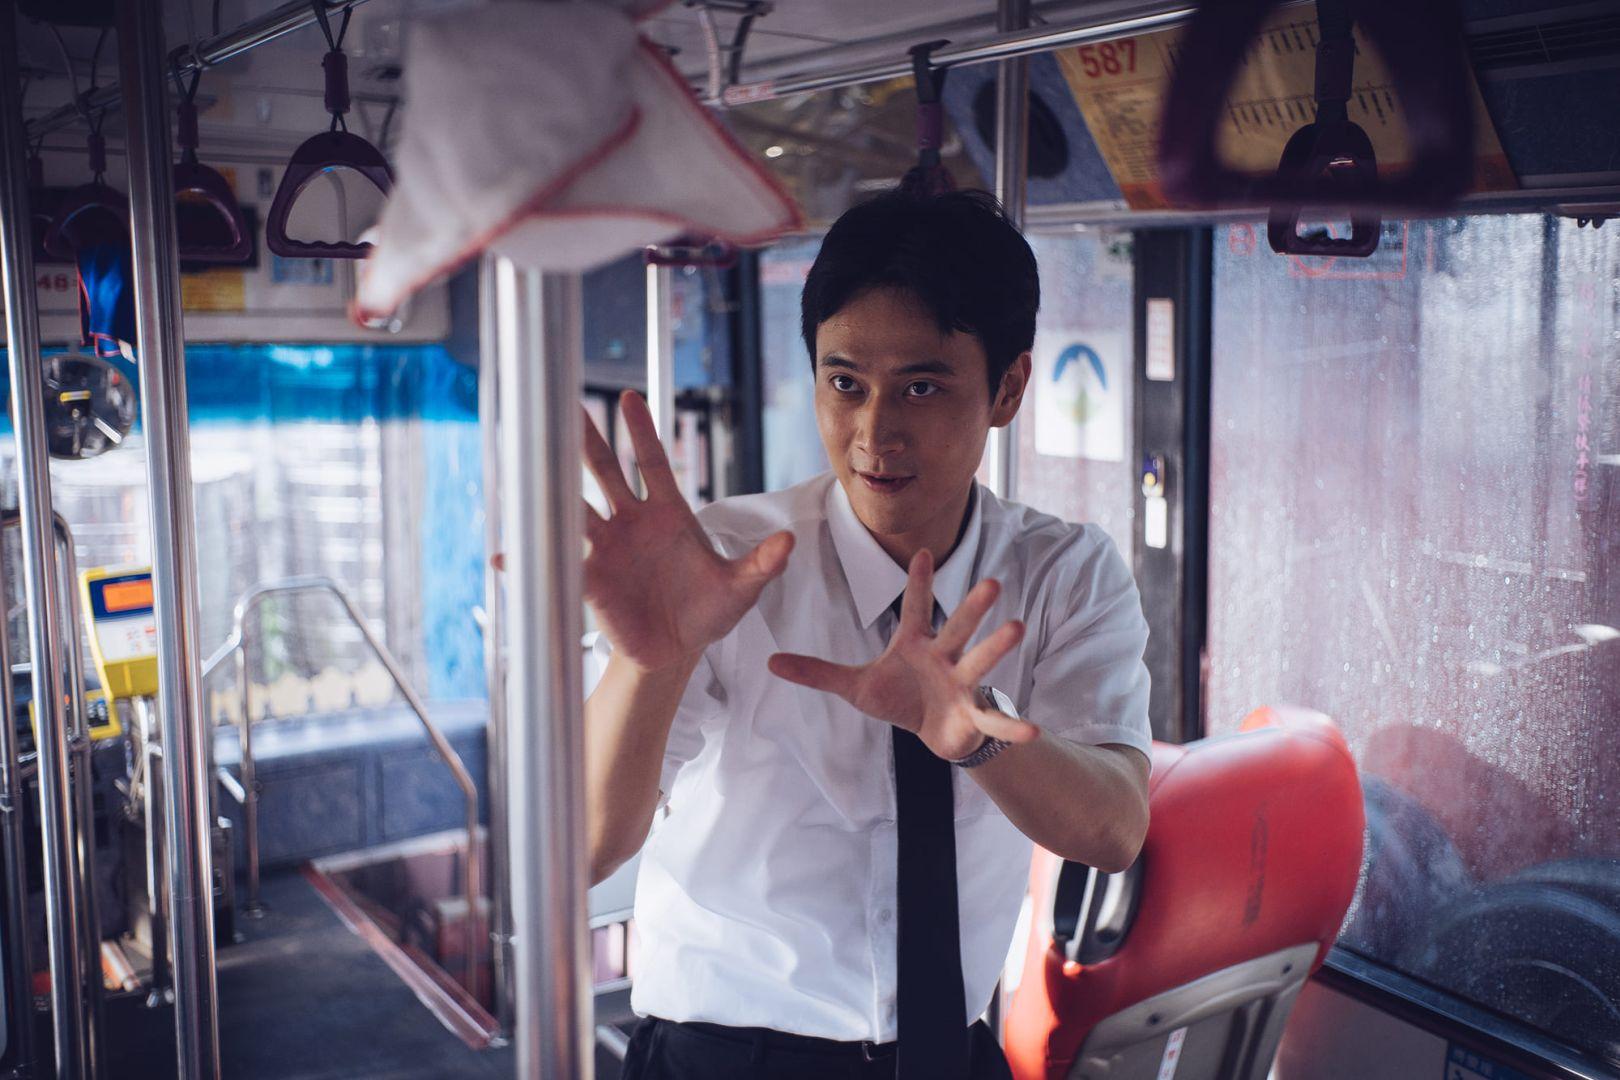 劉冠廷以慢半拍的「阿泰」一角入圍金馬最佳男主角